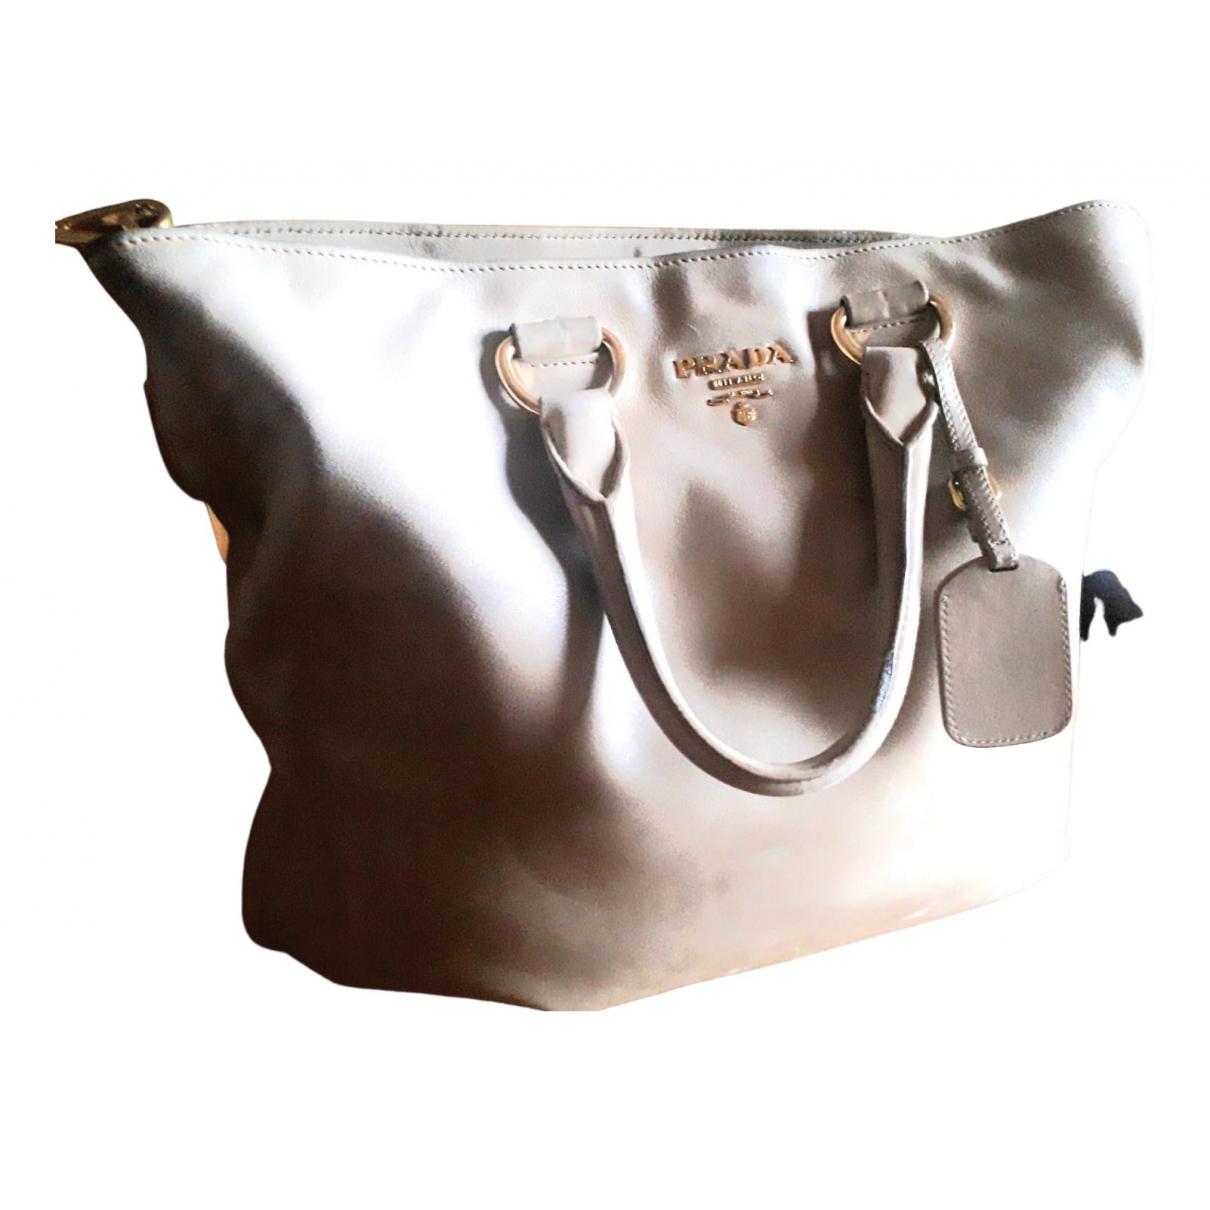 Prada - Sac a main Monochrome pour femme en cuir - beige